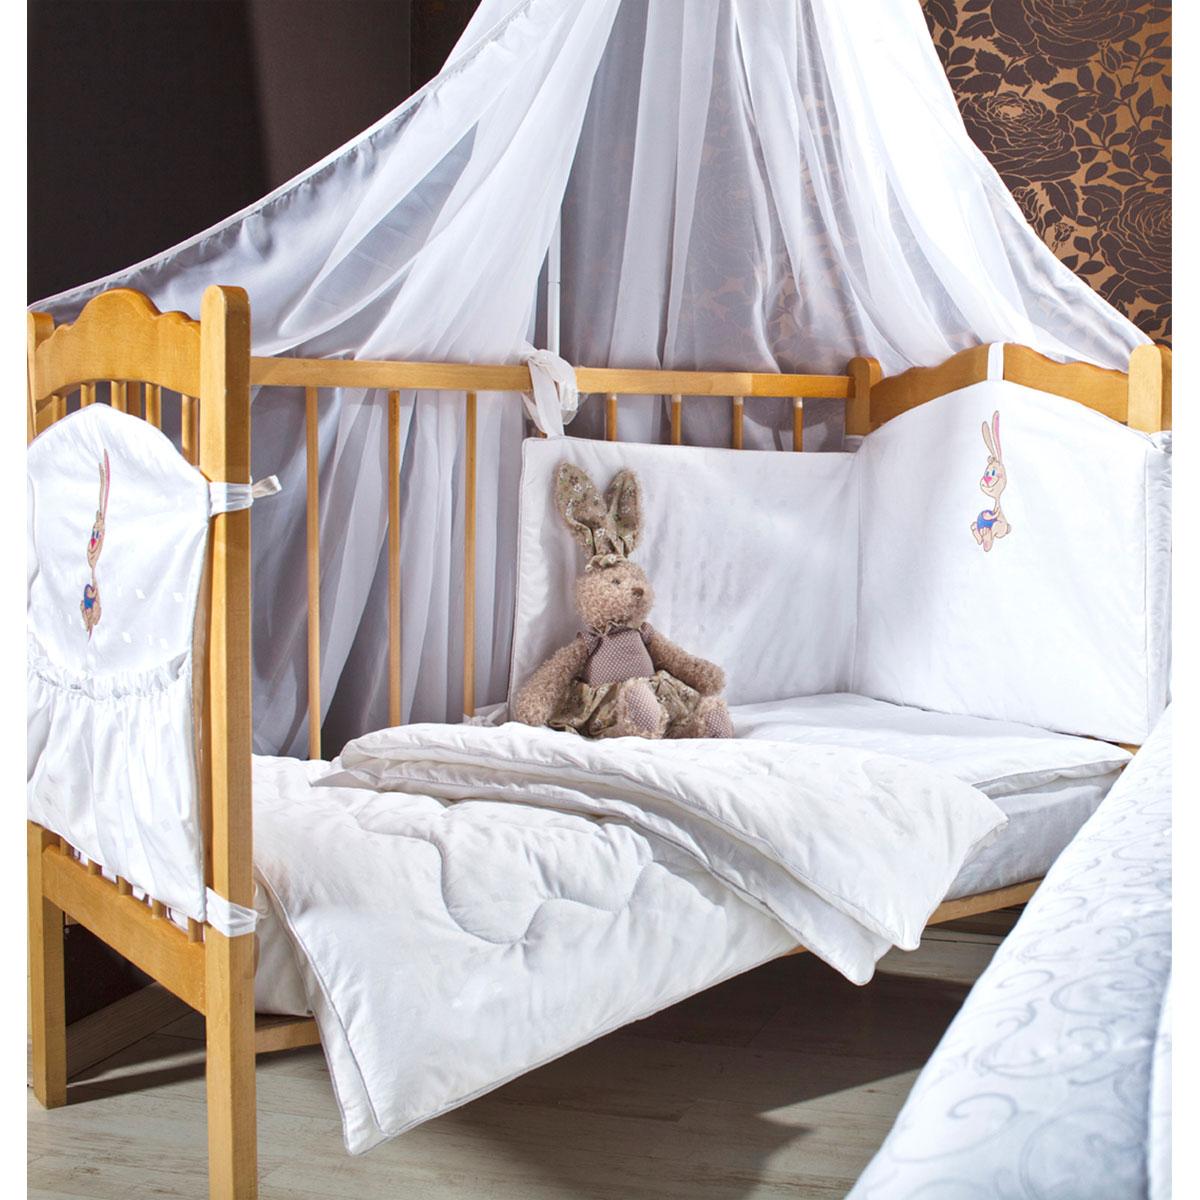 Комплект в кроватку Primavelle Lovely, цвет: голубой, 5 предметов531-105Комплект в кроватку Primavelle Lovely прекрасно подойдет для кроватки вашего малыша, добавит комнате уюта и согреет в прохладные дни. В качестве материала верха использован натуральный 100% хлопок. Мягкая ткань не раздражает чувствительную и нежную кожу ребенка и хорошо вентилируется. Подушка и одеяло наполнены гипоаллергенным бамбуковым волокном. Бамбук является природным антисептиком, обладающим уникальными антибактериальными и дезодорирующими свойствами. Бортики наполнены экофайбером, который не впитывает запах и пыль. Балдахин выполнен из легкой прозрачной вуали. В комплекте - удобный карман на кроватку для всех необходимых вещей.Очень важно, чтобы ваш малыш хорошо спал - это залог его здоровья, а значит вашего спокойствия. Комплект Primavelle Lovely идеально подойдет для кроватки вашего малыша. На нем ваш кроха будет спать здоровым и крепким сном.Комплектация:- бортик (180 см х 46 см); - балдахин (420 см х 160 см);- подушка (40 см х 60 см);- одеяло (110 см х 140 см);- кармашек (60 см х 45 см).